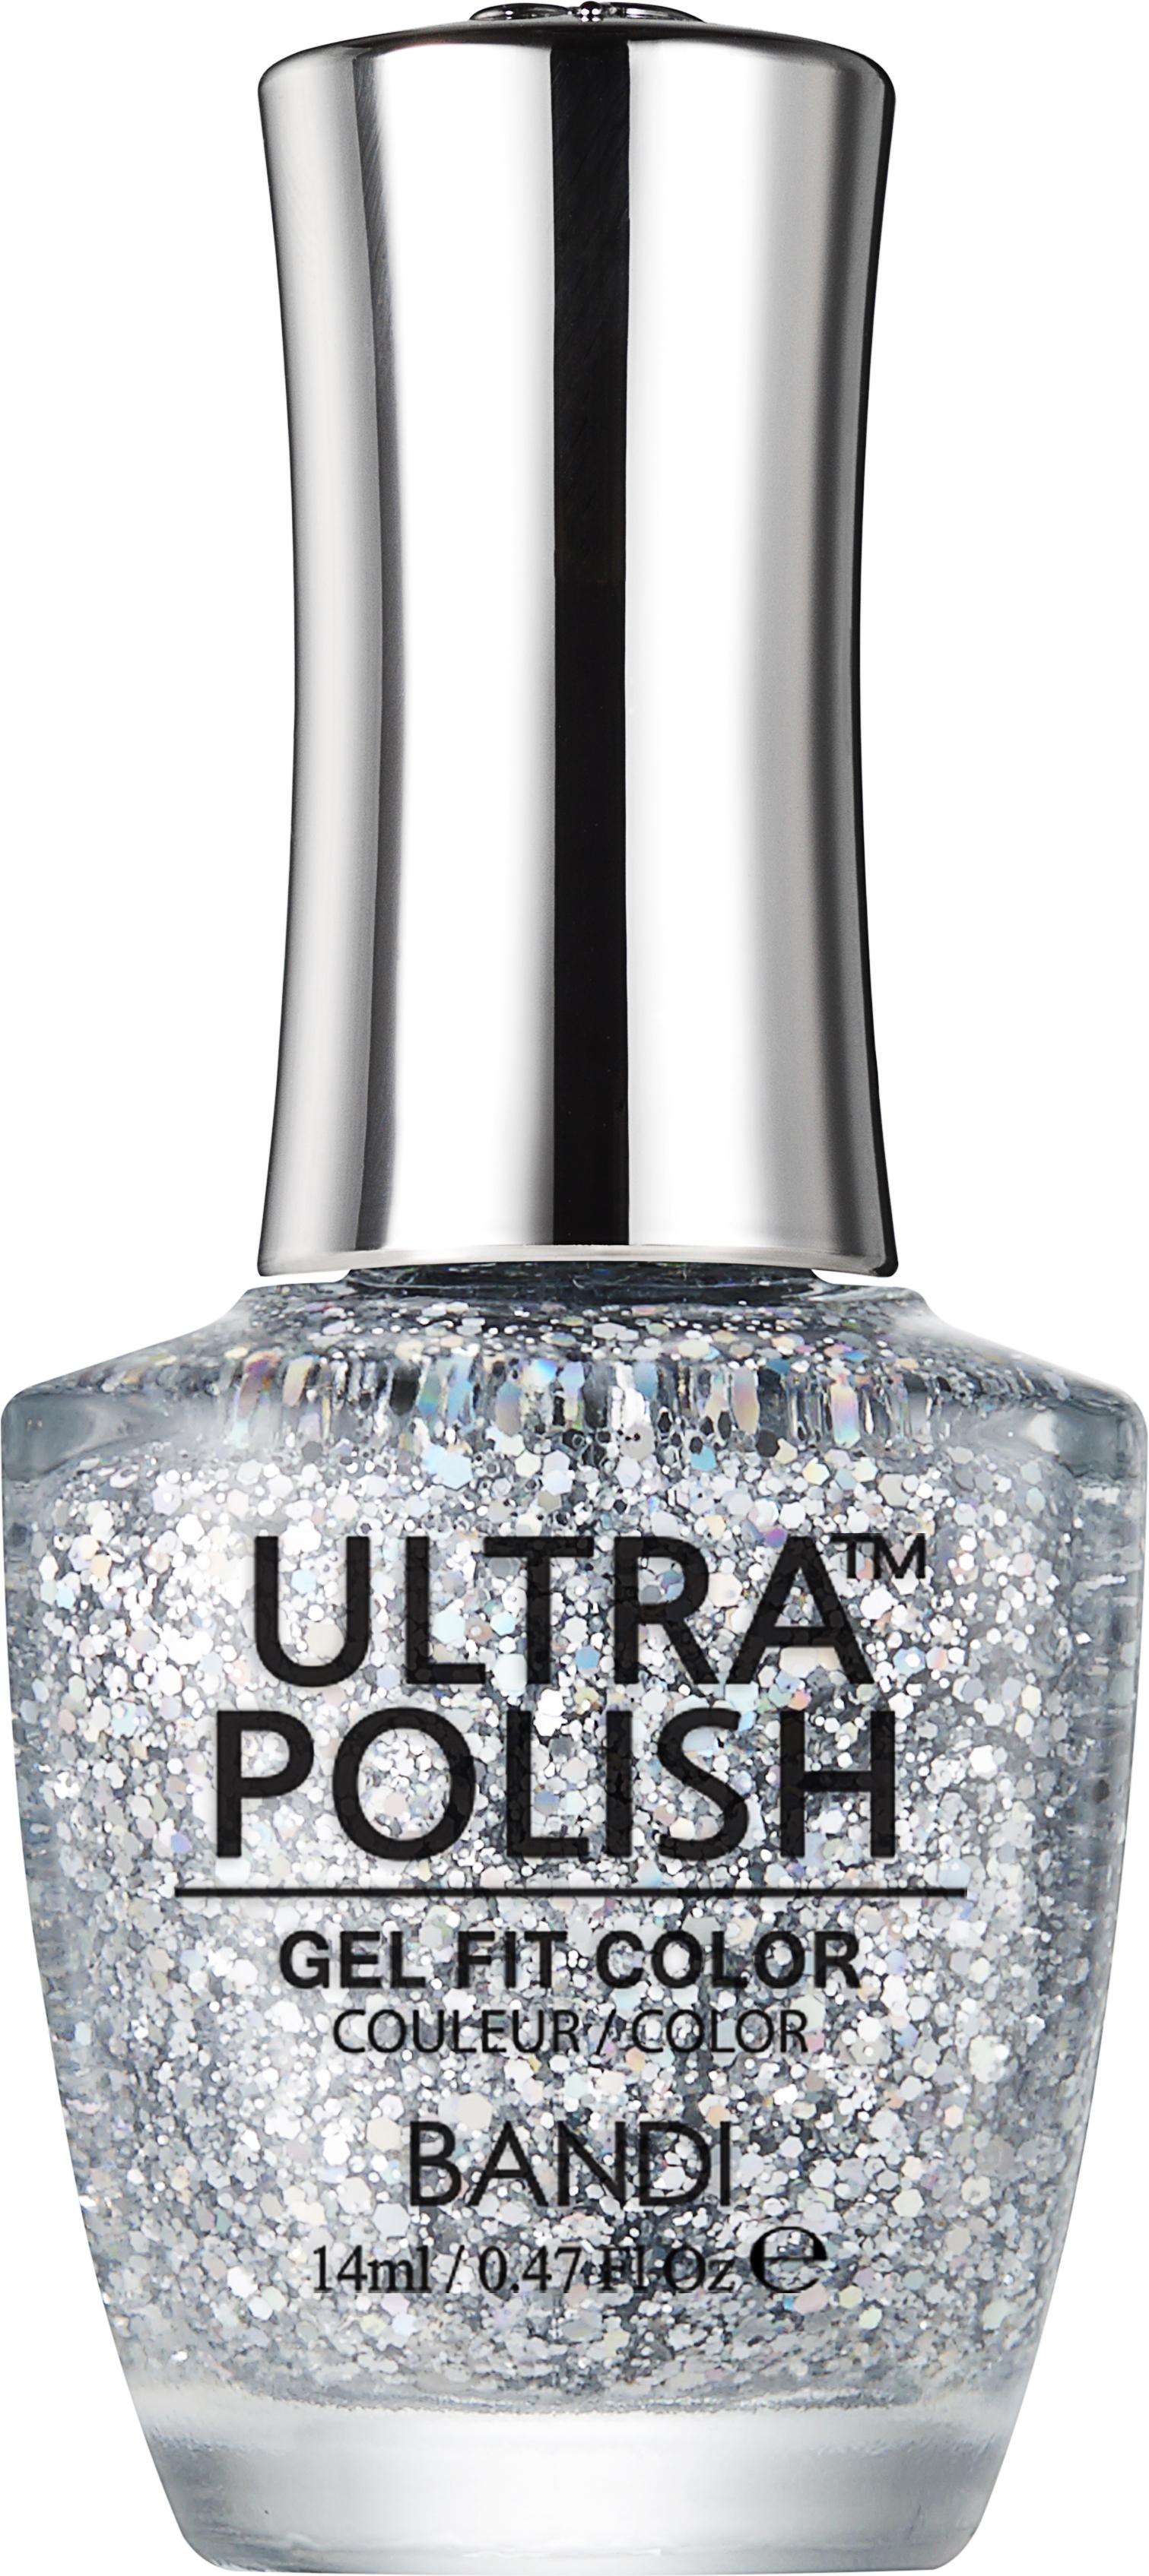 Купить BANDI UP907 ультра-покрытие долговременное цветное для ногтей / ULTRA POLISH GEL FIT COLOR 14 мл, Серые